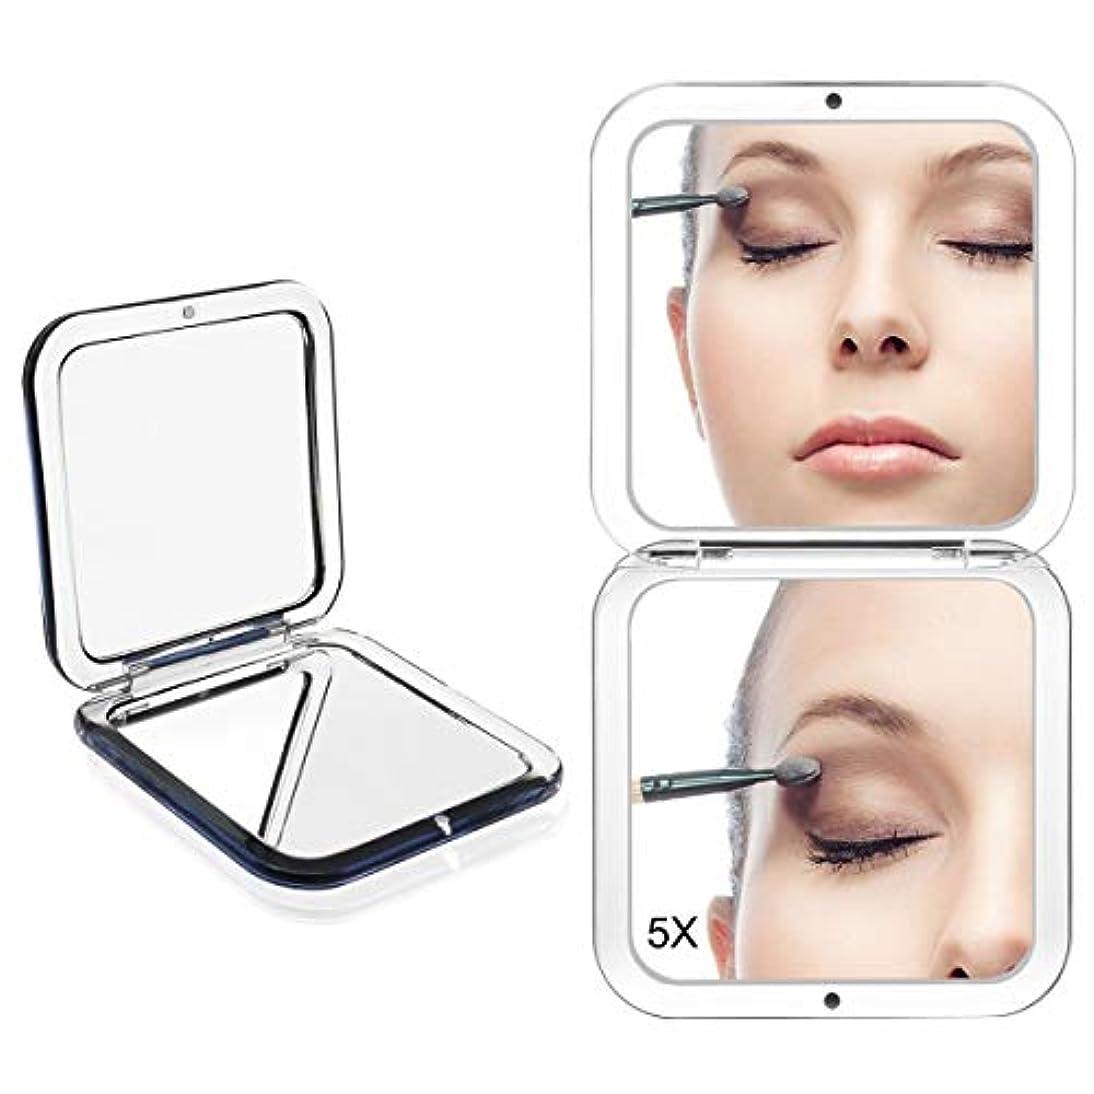 フェンス処方感謝するコンパクトミラー 化粧鏡 ミラー 5倍拡大鏡+等倍鏡 ハンドミラー 手鏡